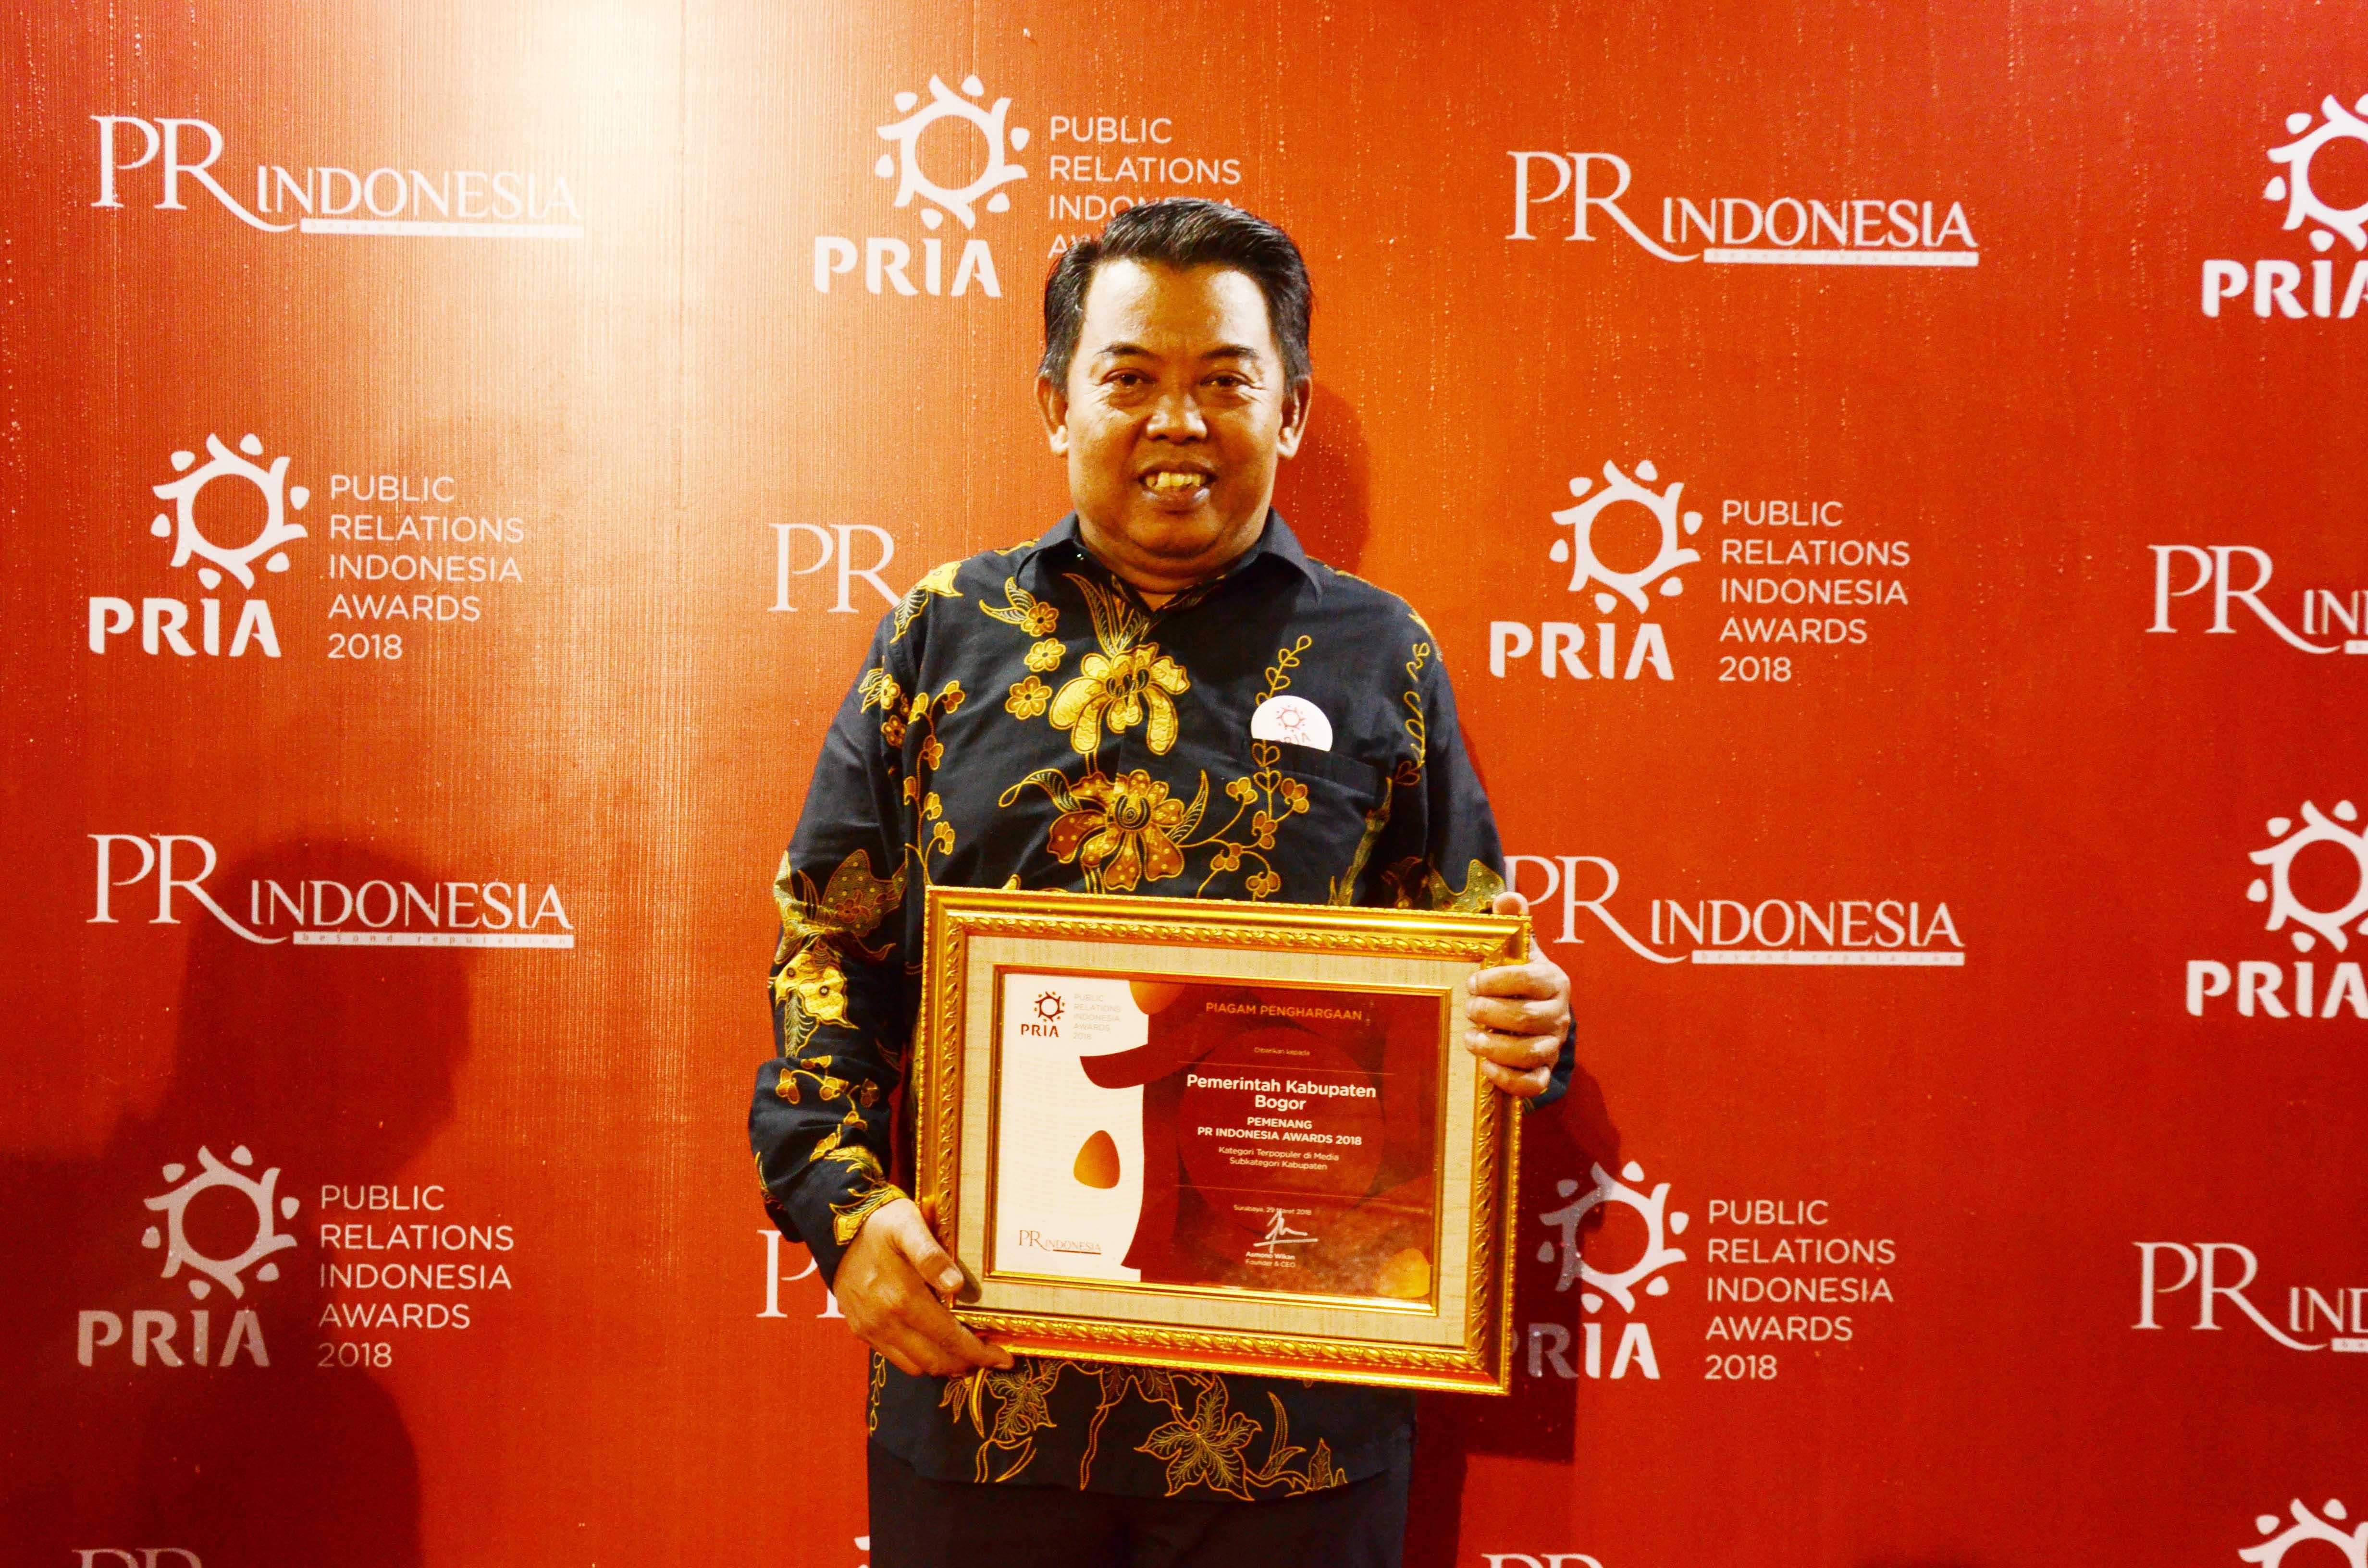 Pemerintah Kabupaten Bogor dinobatkan sebagai pemerintah daerah terpopuler di media pada ajang Public Relation Indonesia Awards (PRIA) 2018